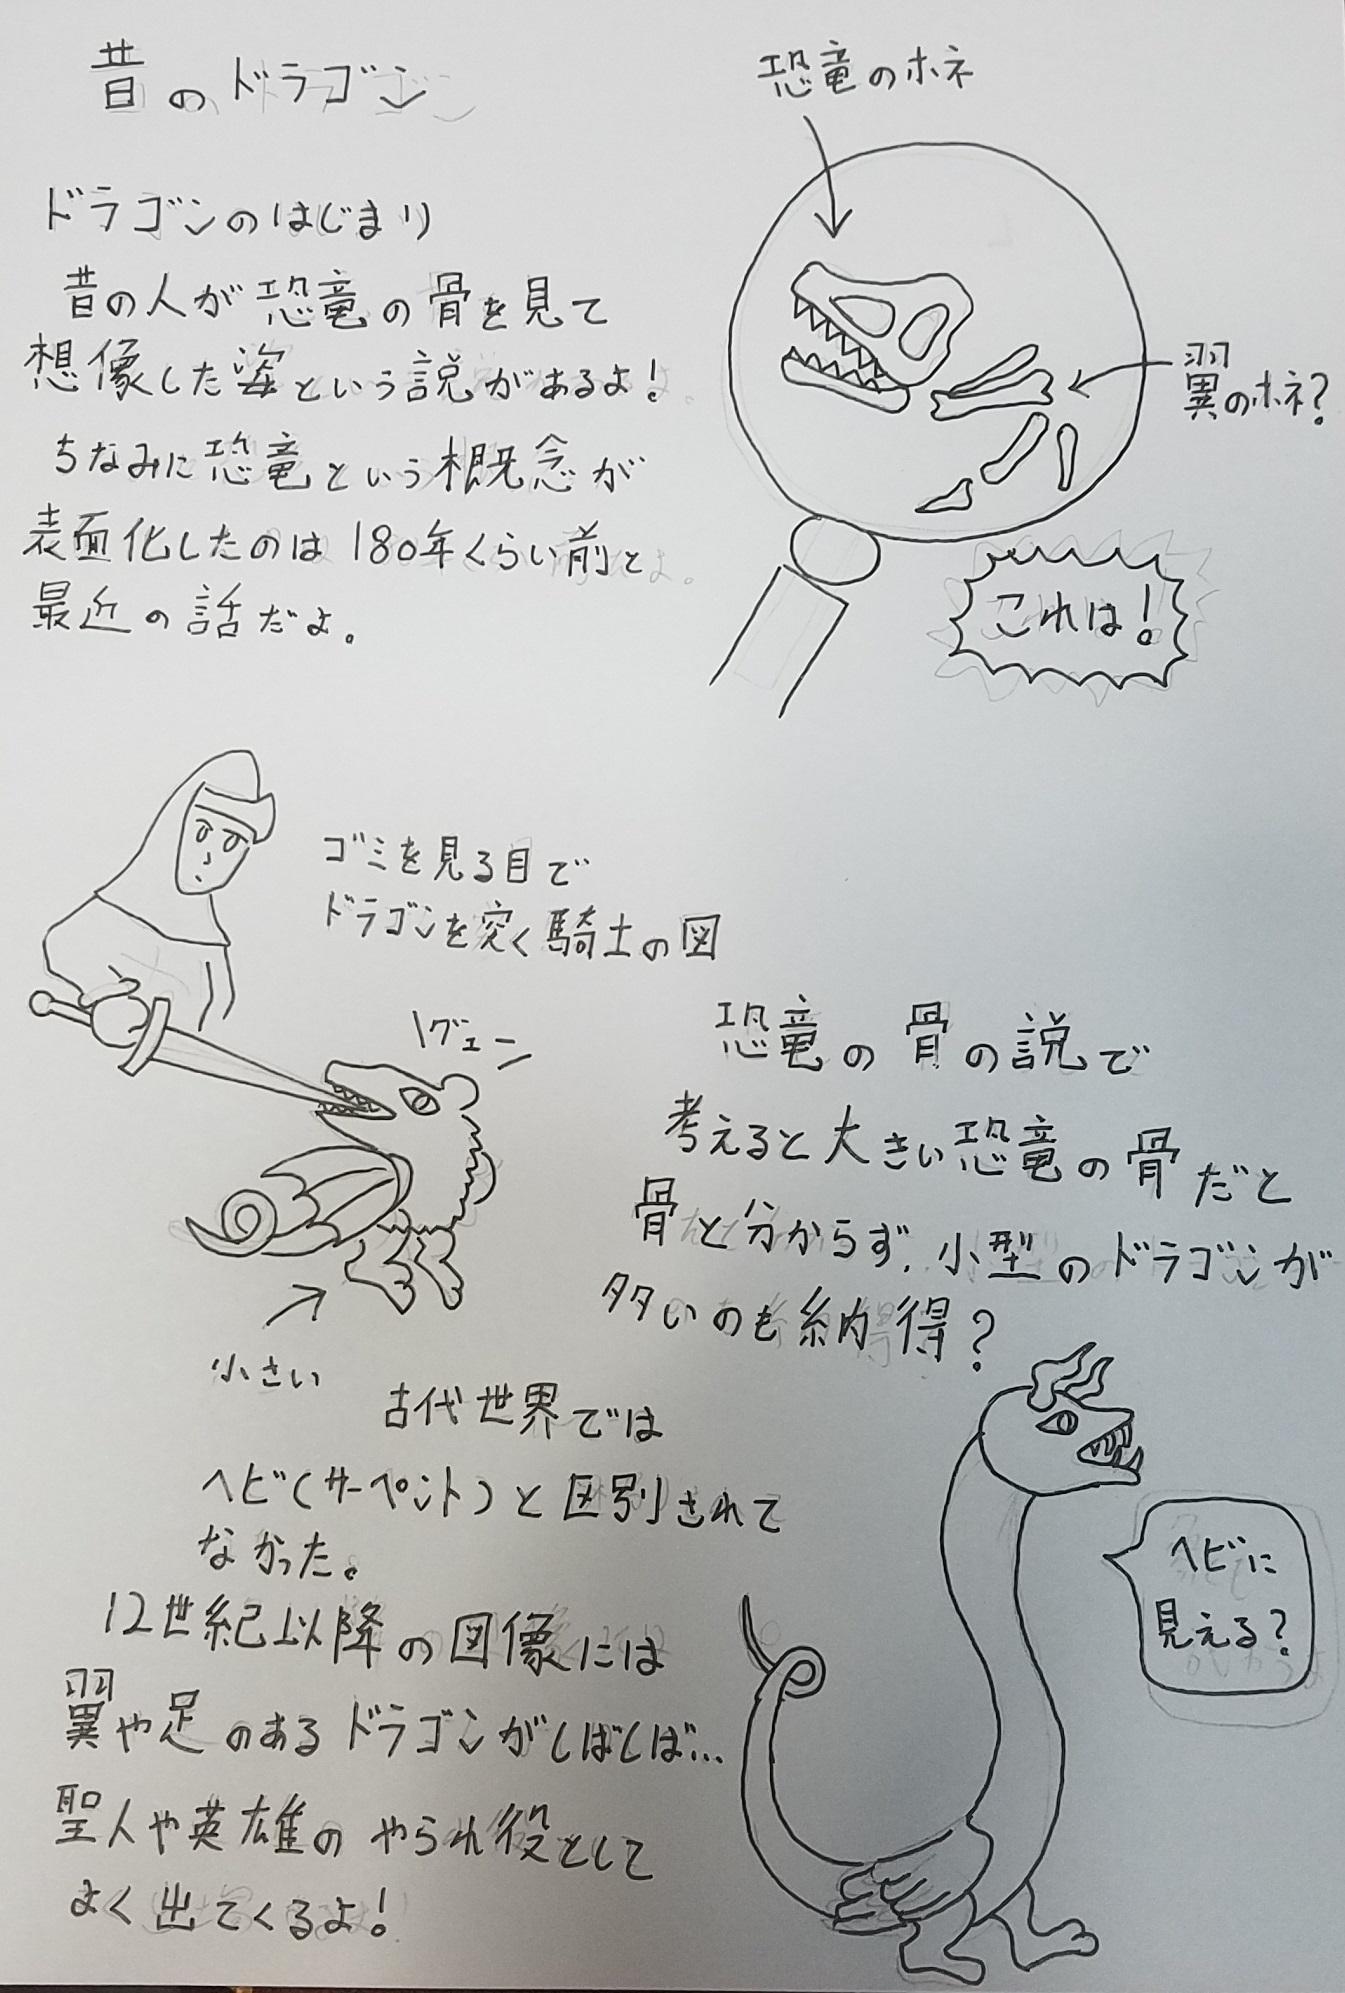 2018_ガクタメ_林檎屋_01